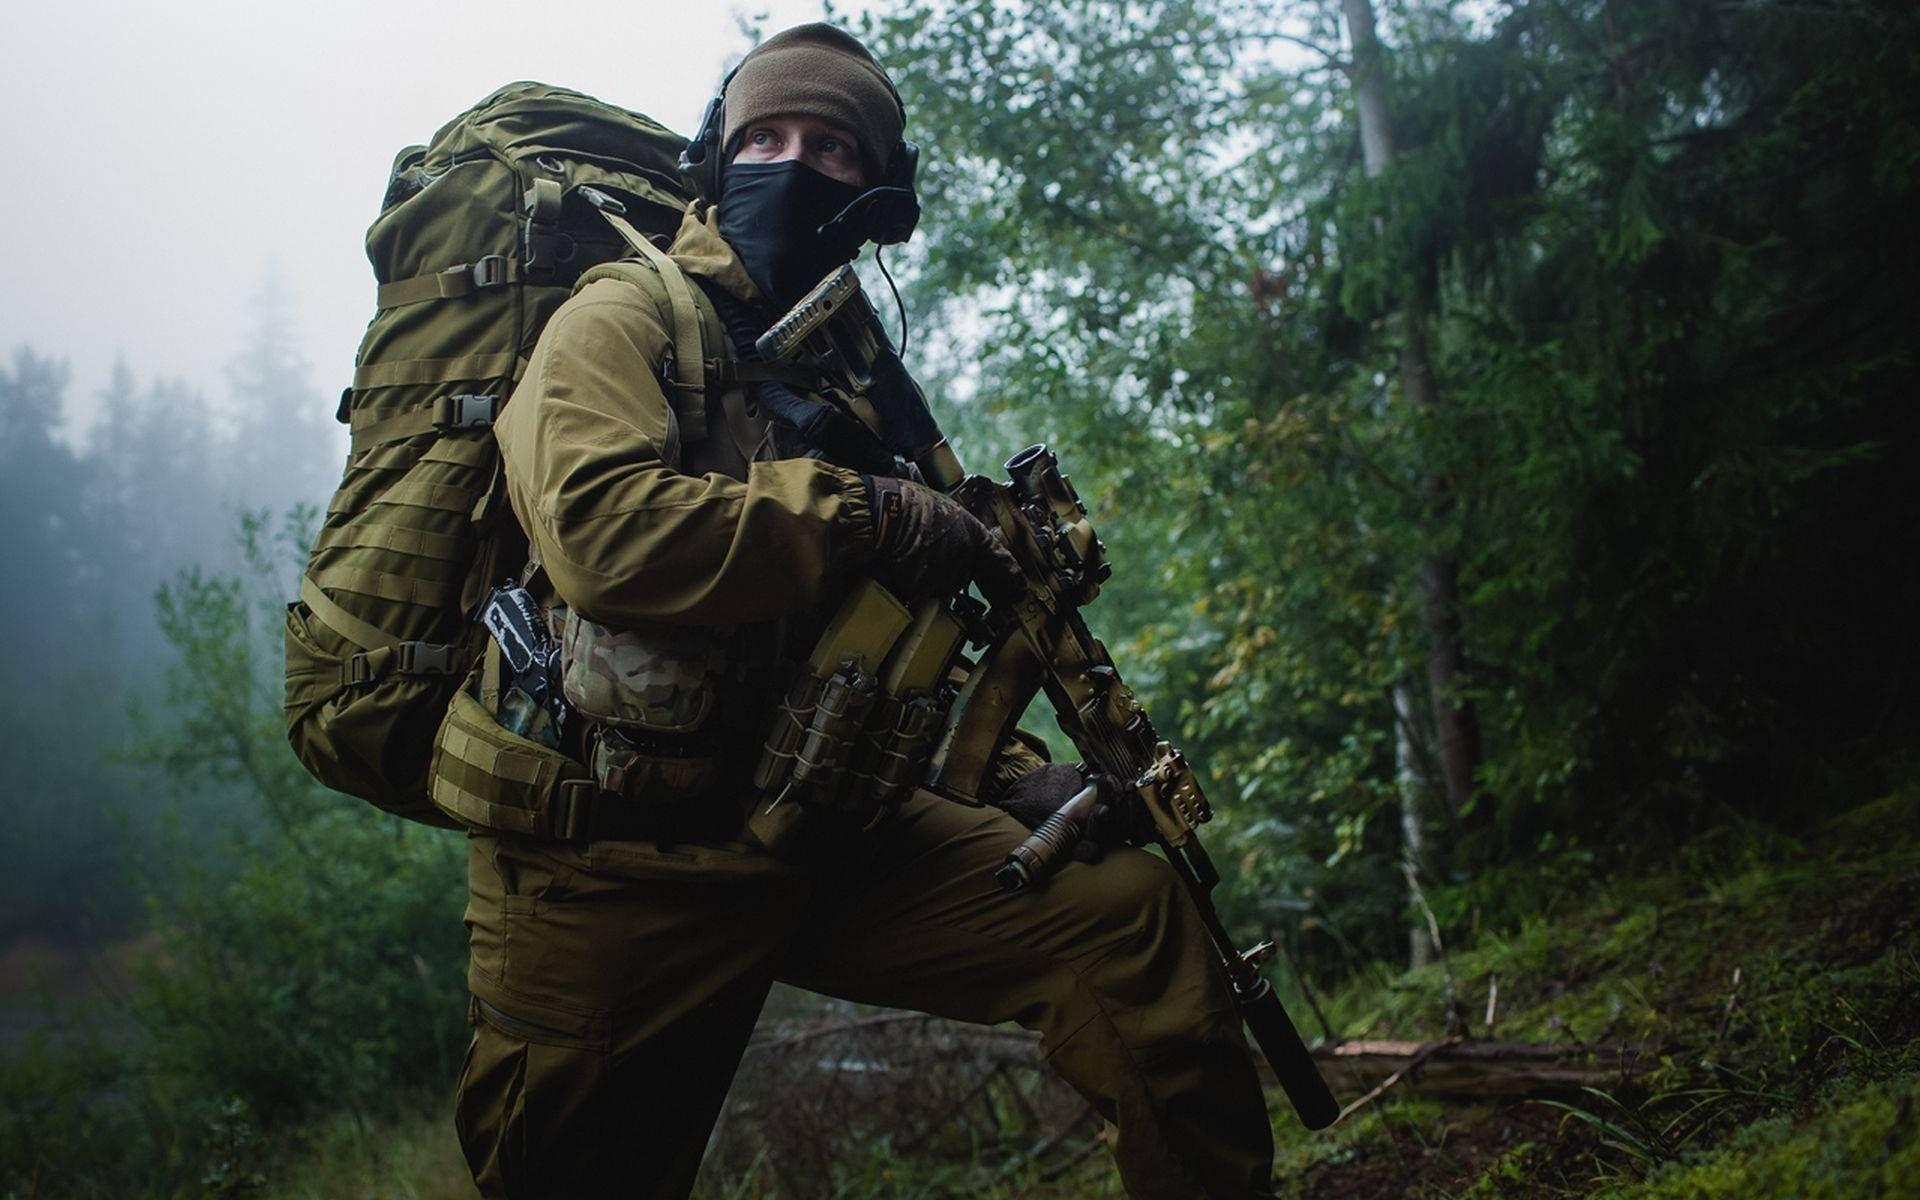 Des commandos et forces spéciales, inclus dans la brigade des commandos de lArmée nationale.